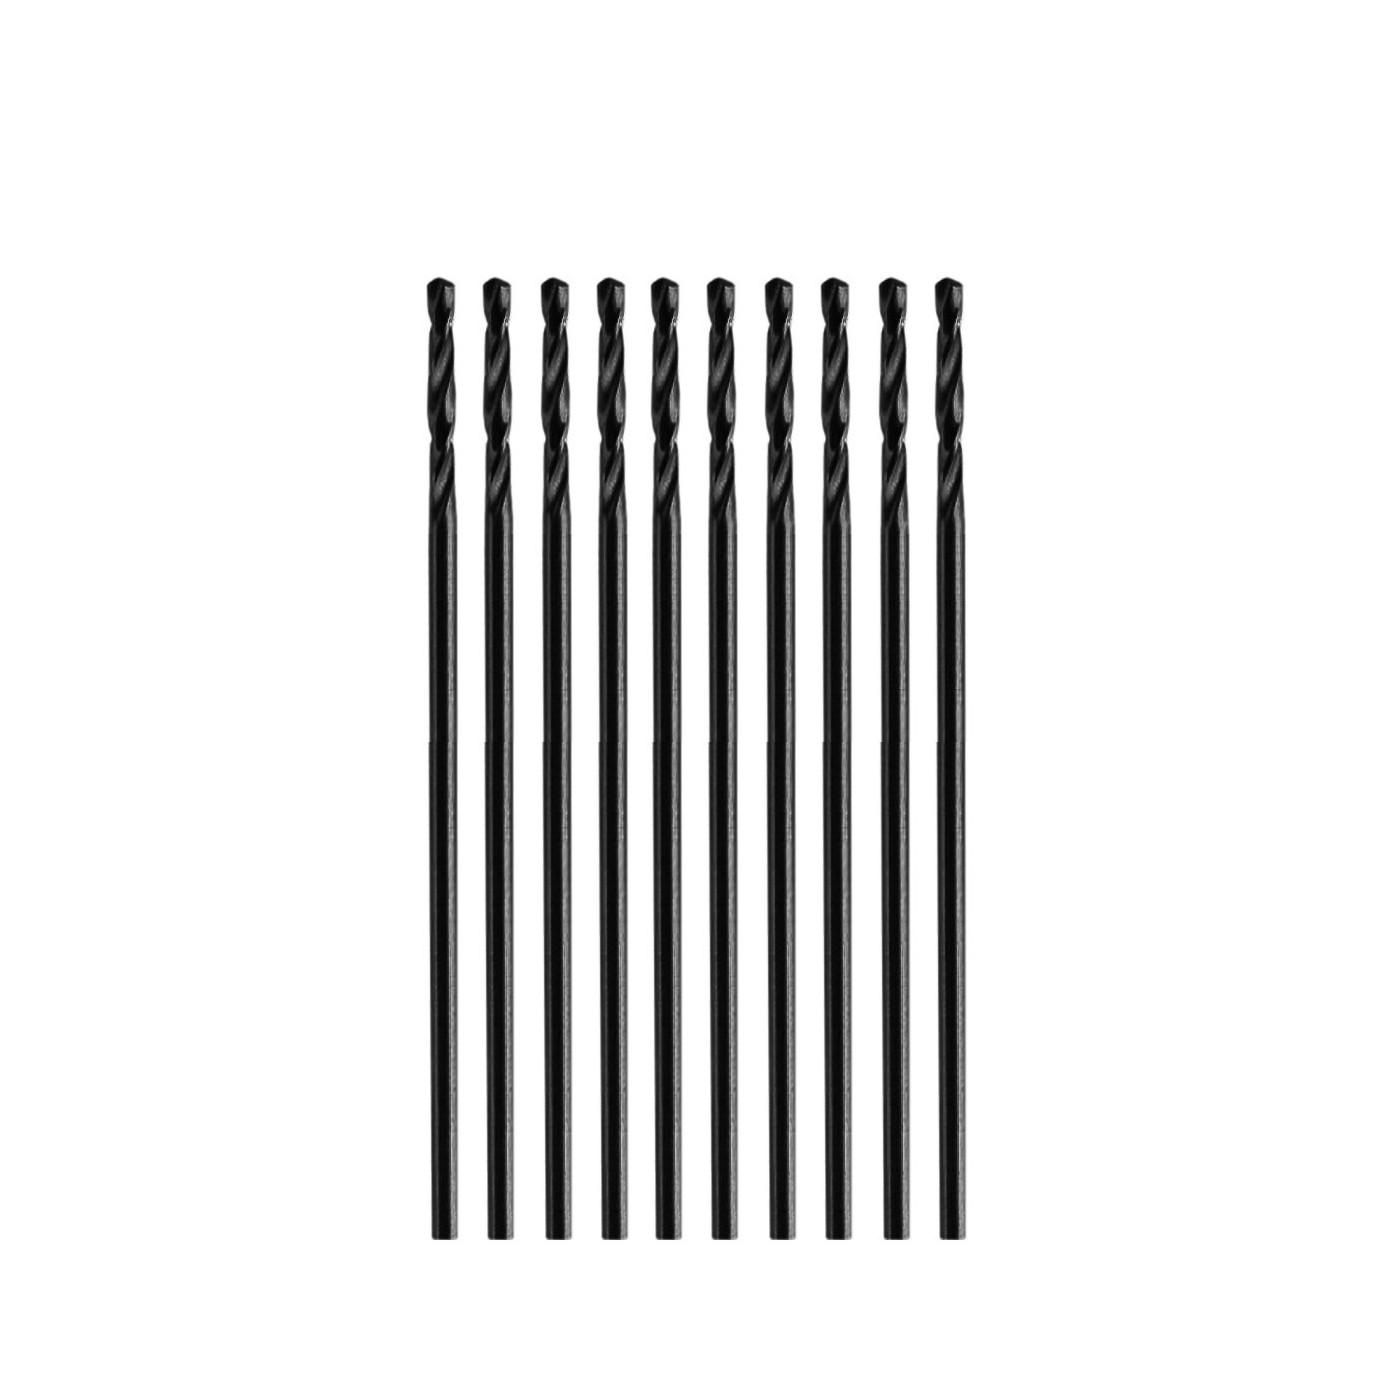 Set of 10 small metal drill bits (0.7x28 mm, HSS)